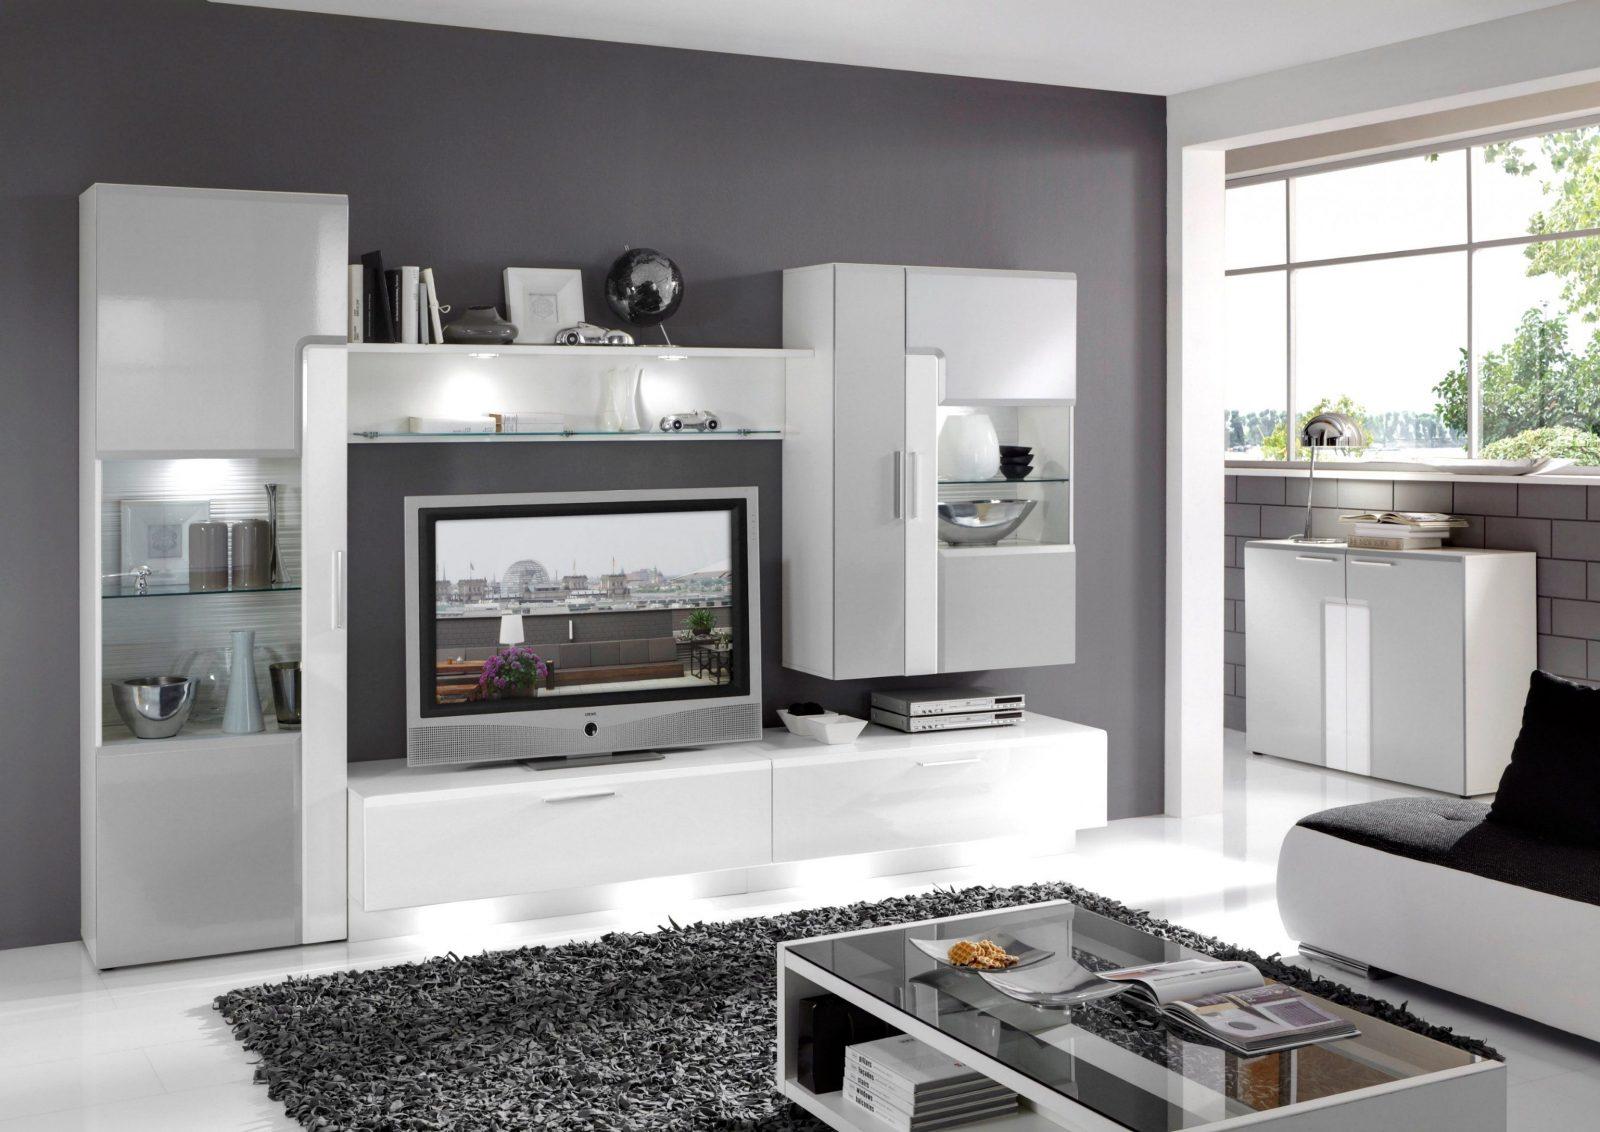 Farbideen Wohnzimmer Streichen Wnde Mit Farben Gestalten Latest